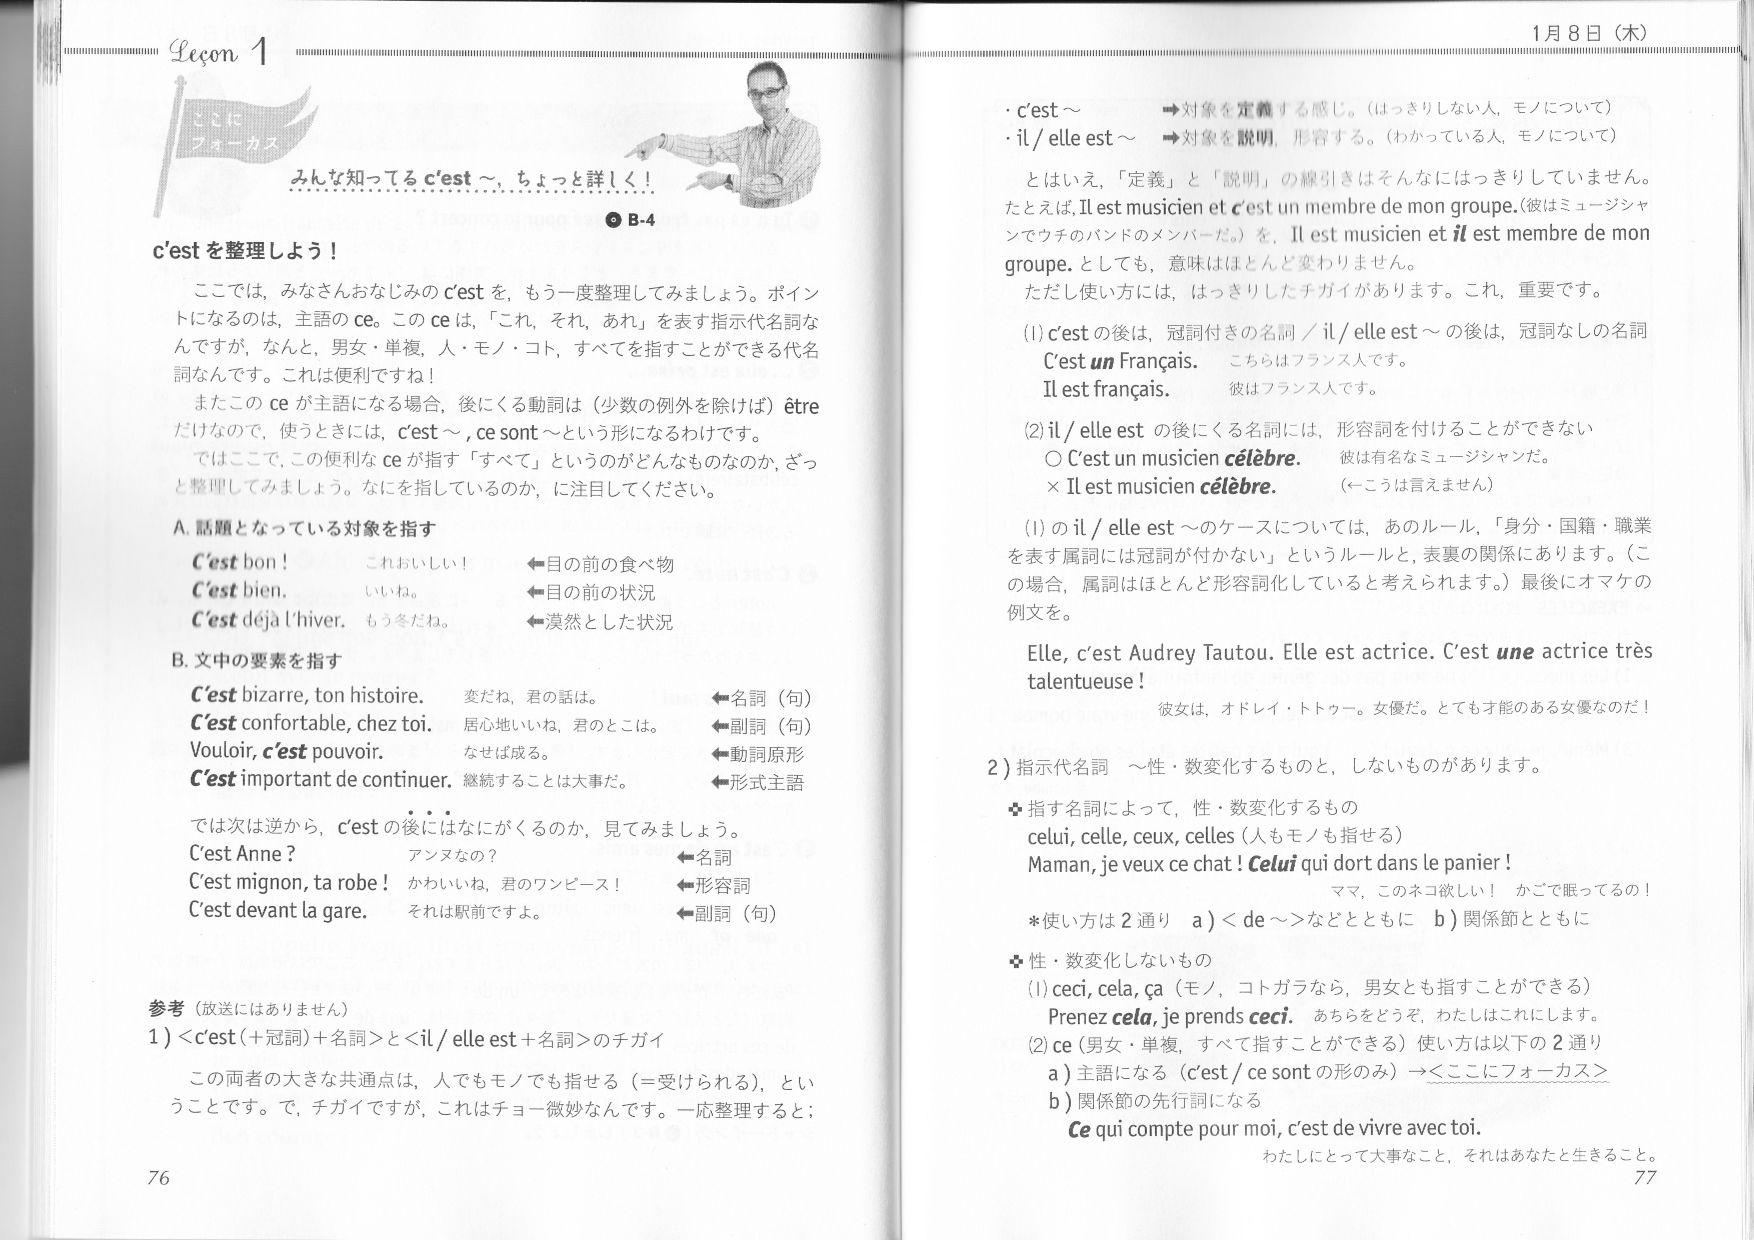 15-1月期のフランス語応用編 テキスト入手 (14年12月19日)_c0059093_17283829.jpg